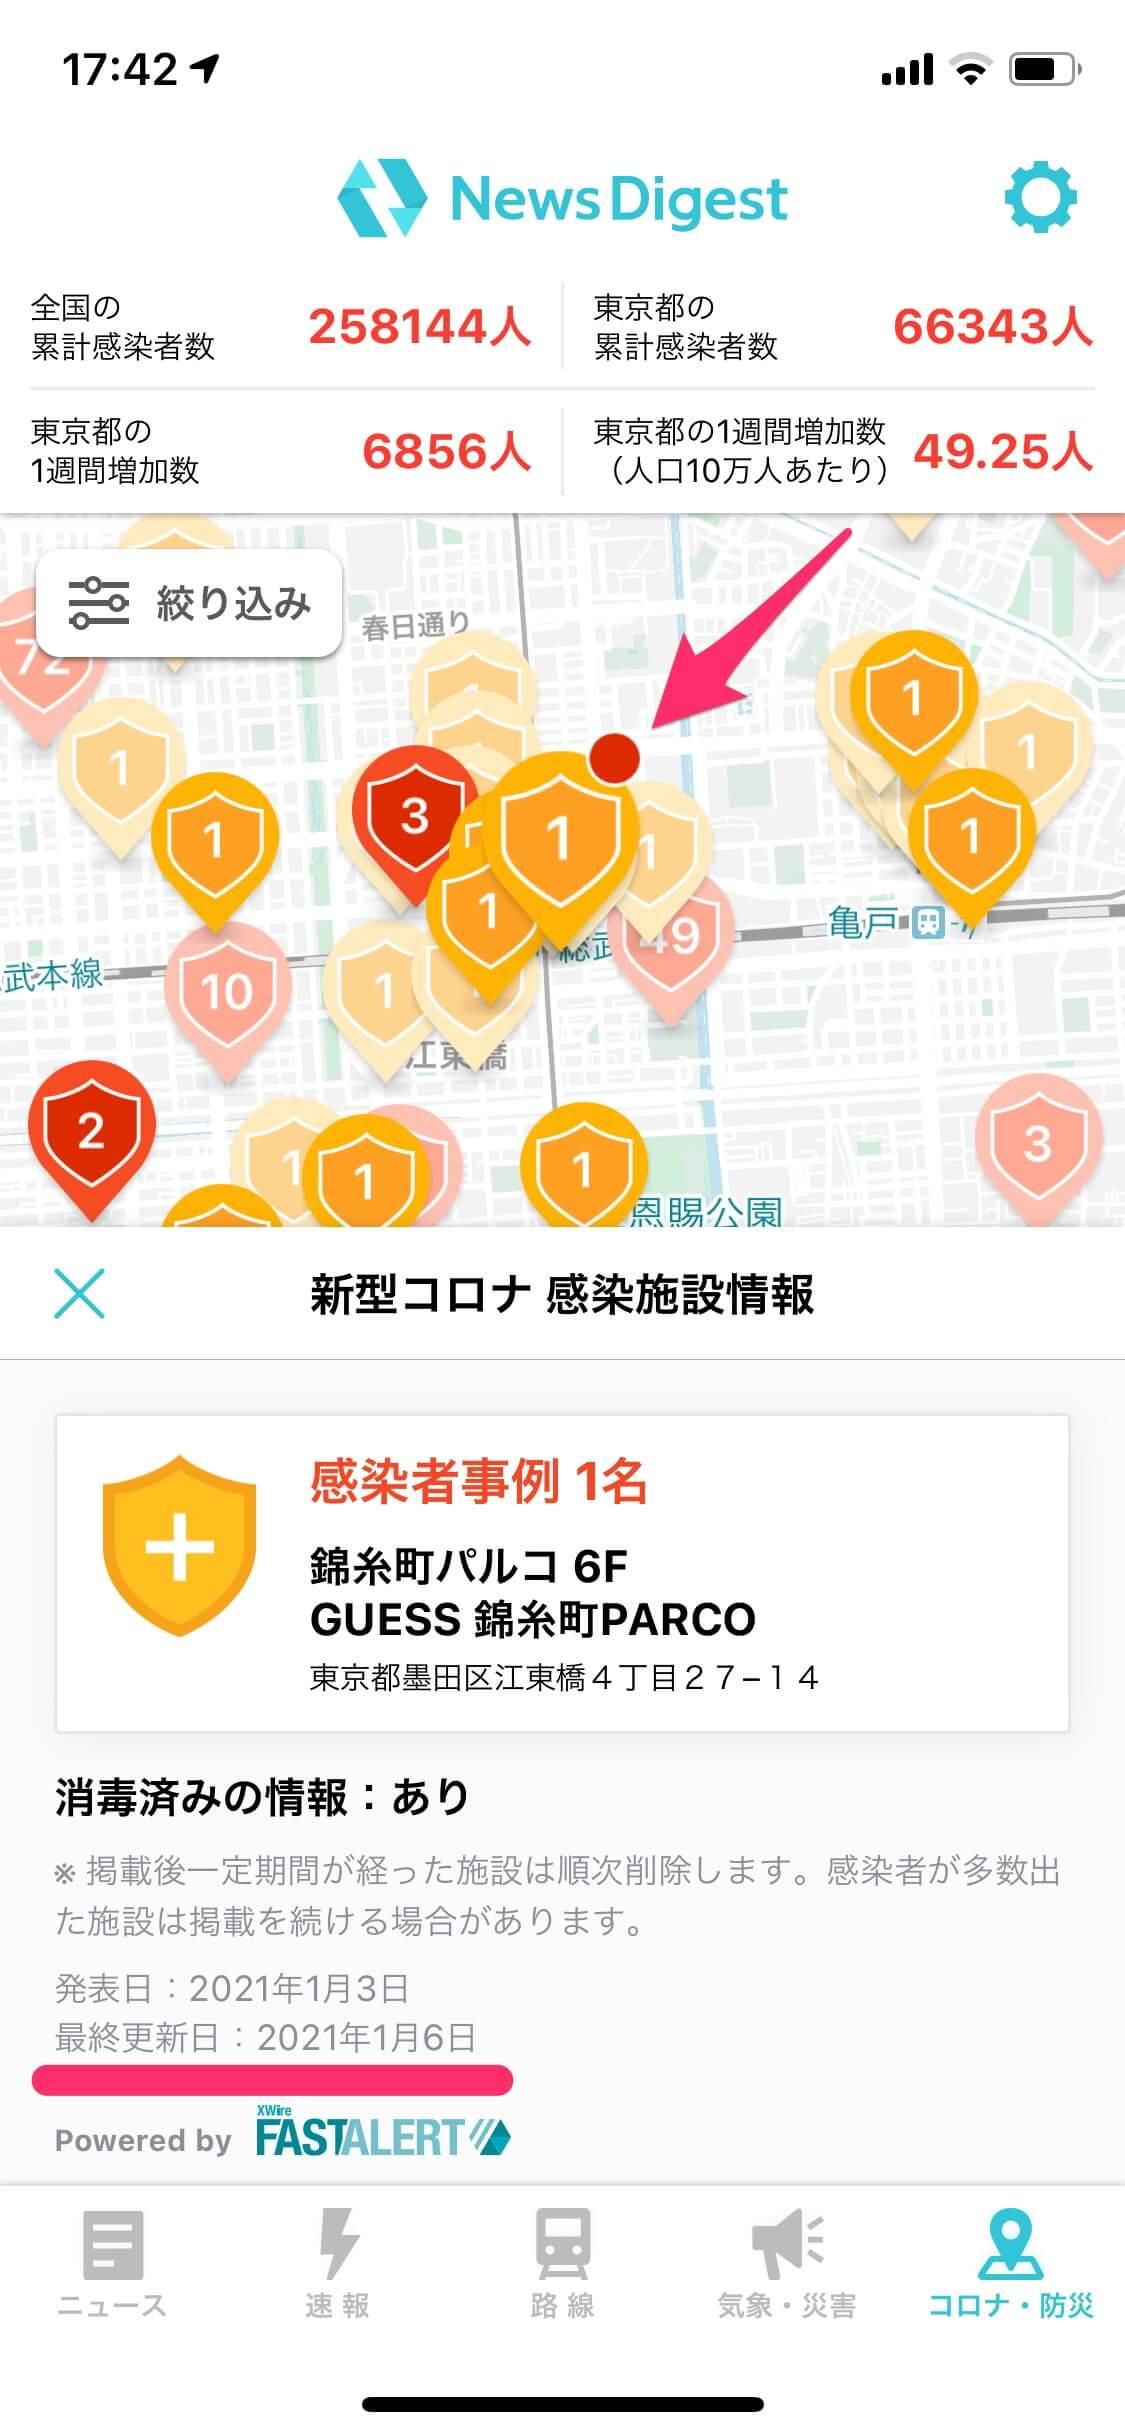 自宅周辺での新型コロナ感染事例は? 地図上で確認できるNewsDigestアプリが便利